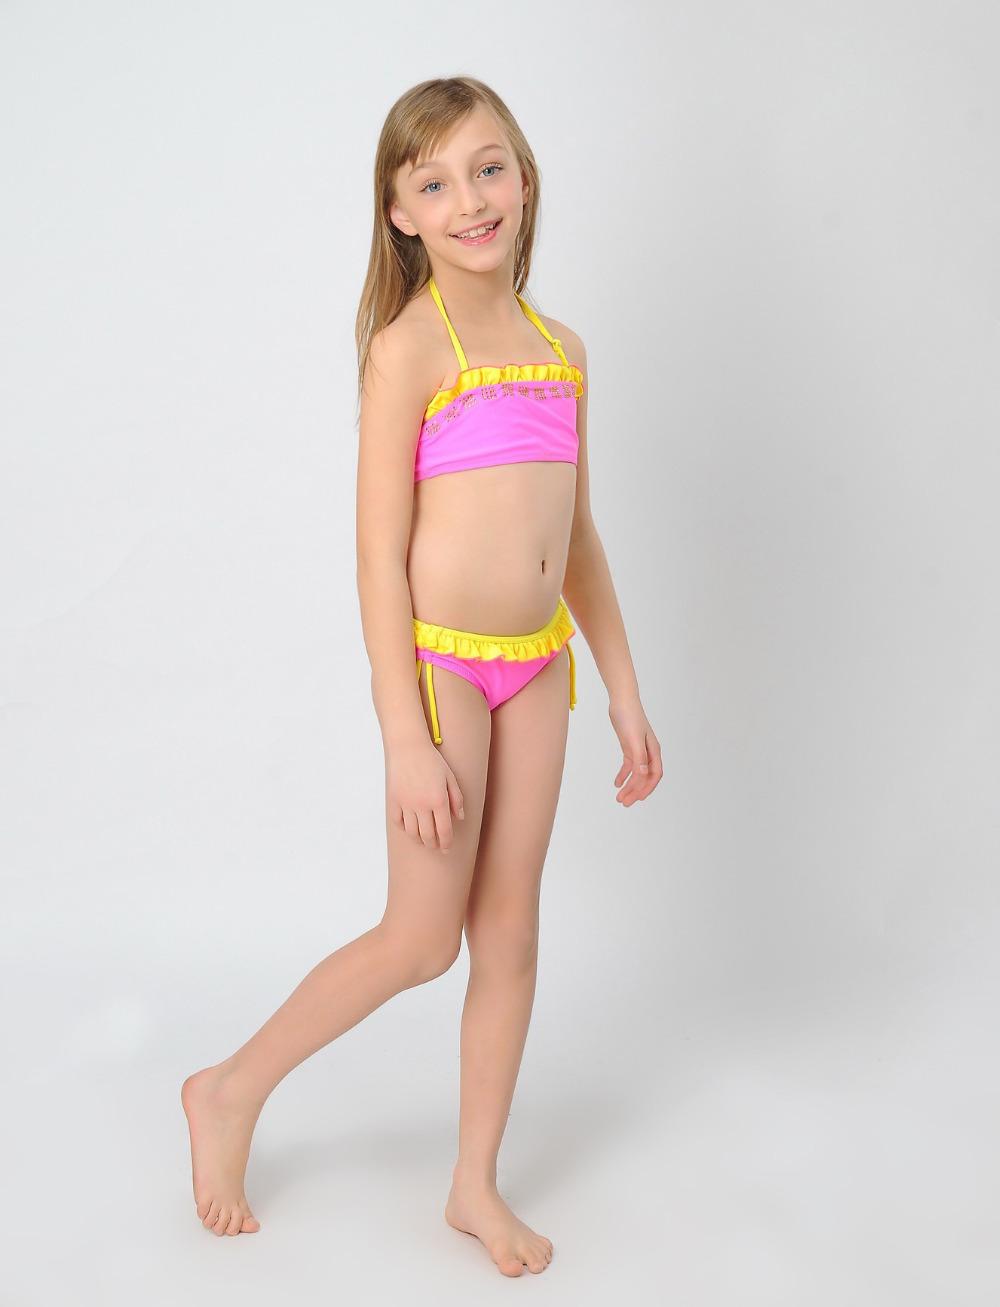 Девочки принцесса купальный костюм бикини купальник для девочки дети купальник горный хрусталь с кружево biquini infantil для 2 - 11 лет